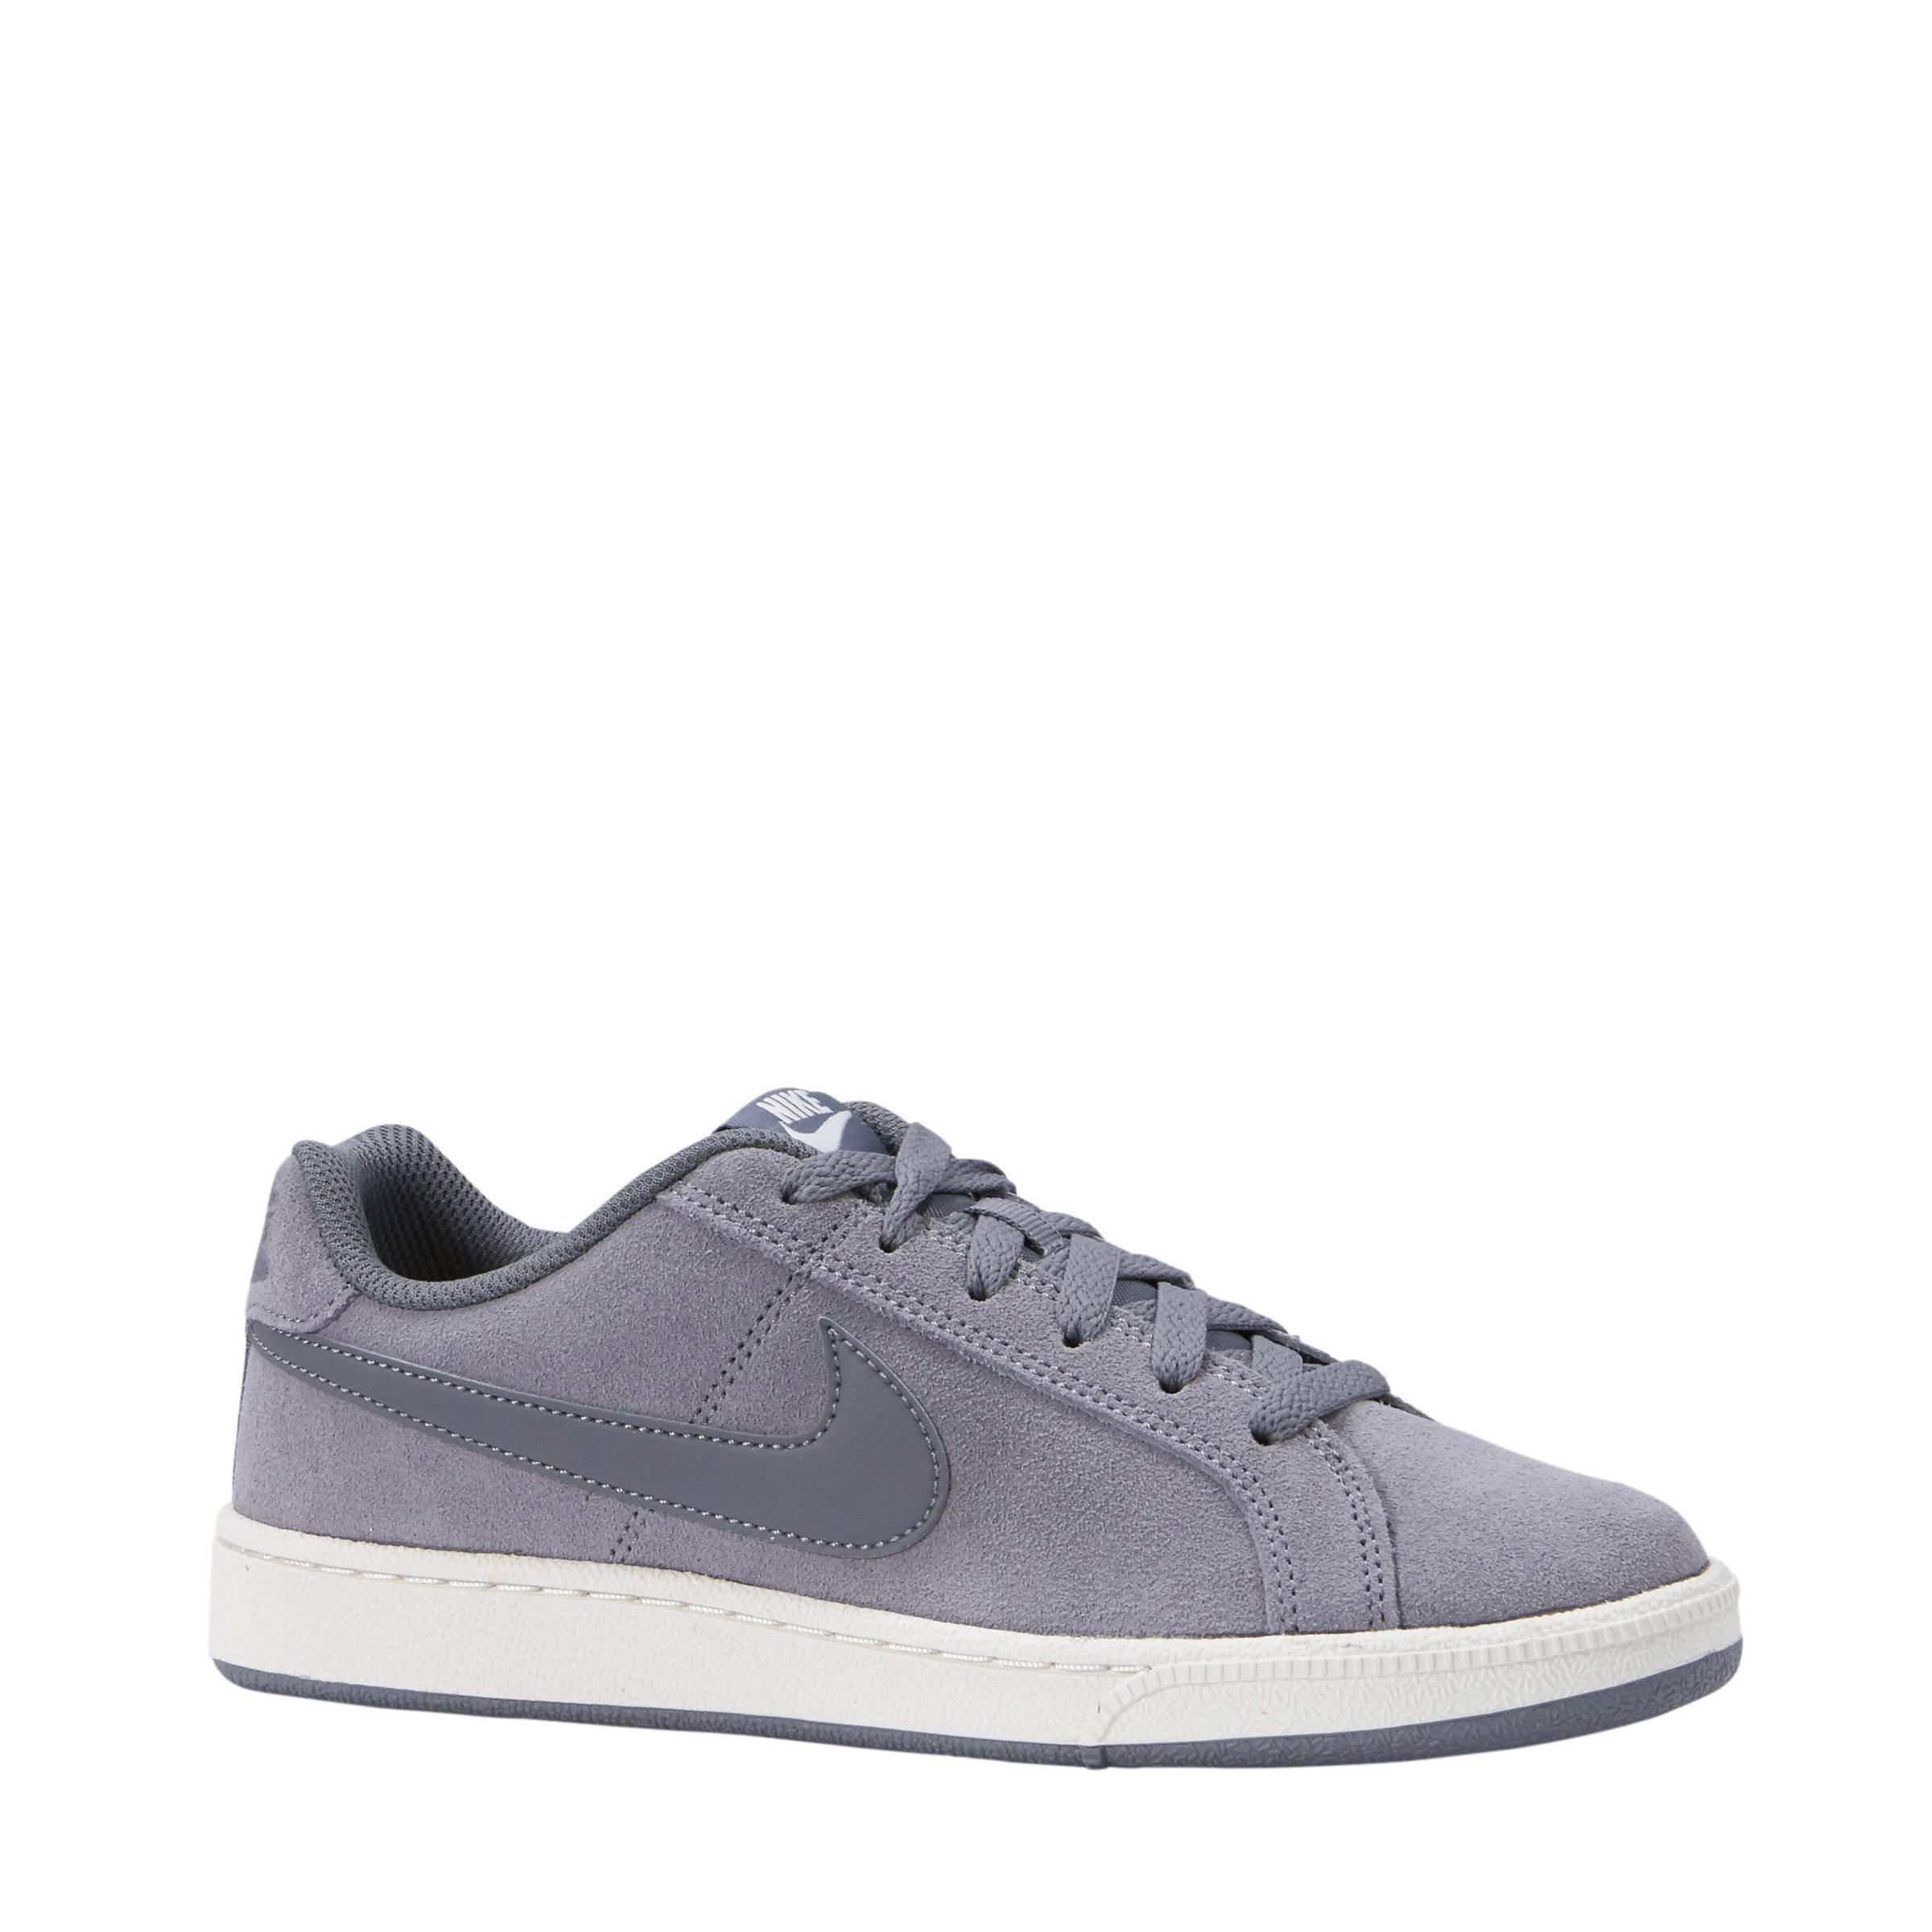 Nike Court Royale suède sneakers grijs